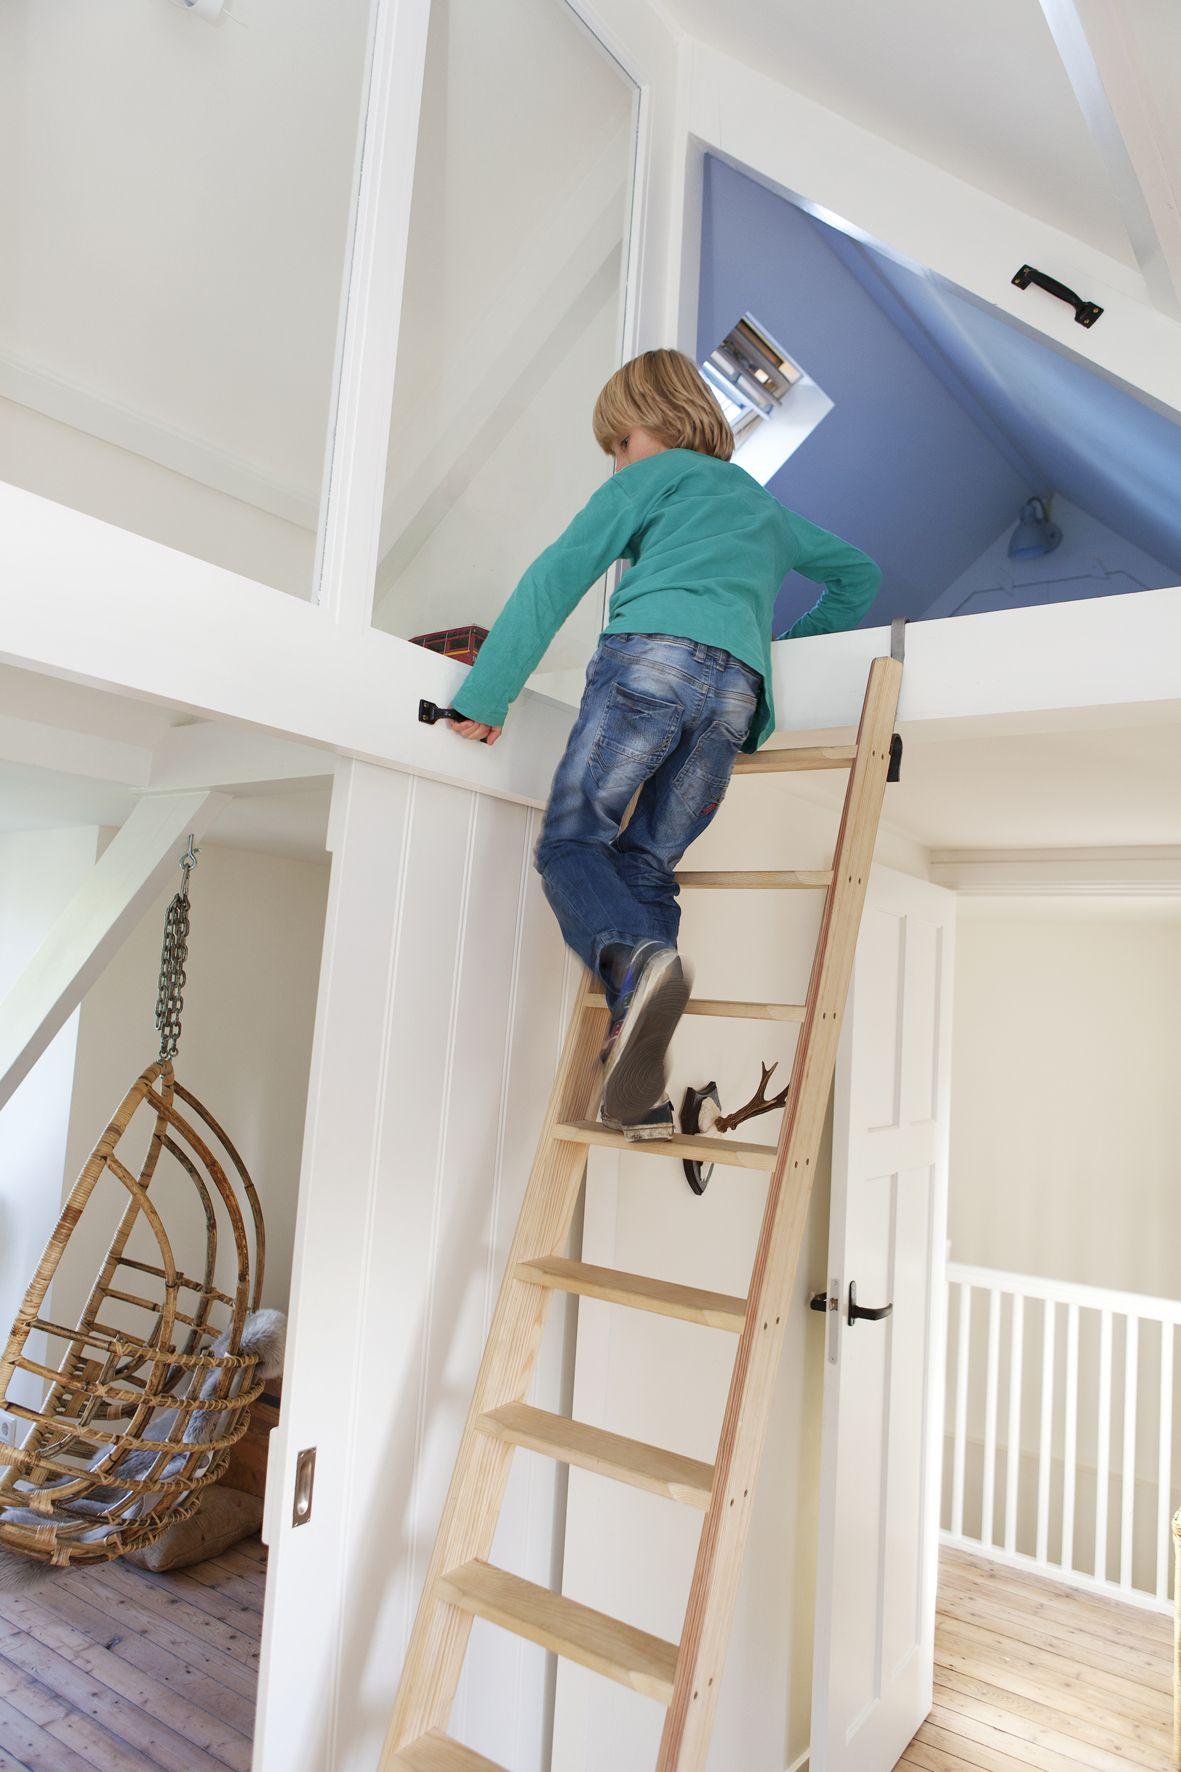 Loft bedroom ideas kids  Zolderetage met meubelontwerpen kastenwanden schuifdeur dakkapel